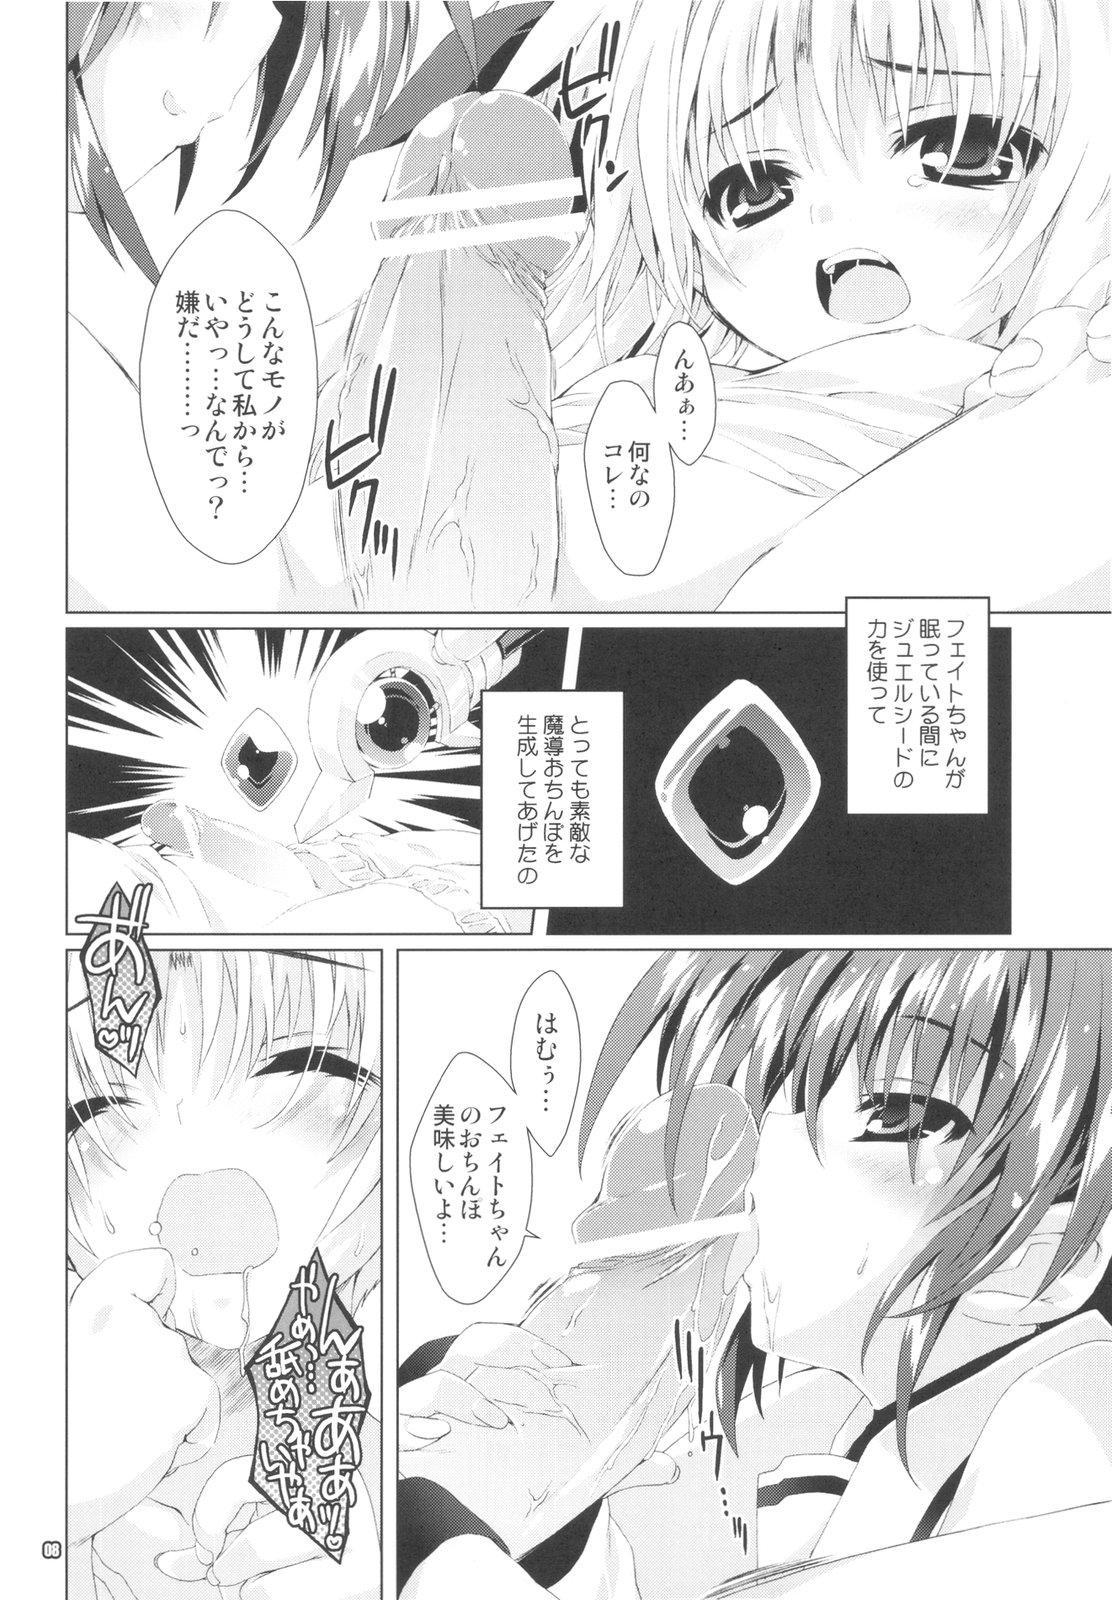 Mahou Shoujo 9 7